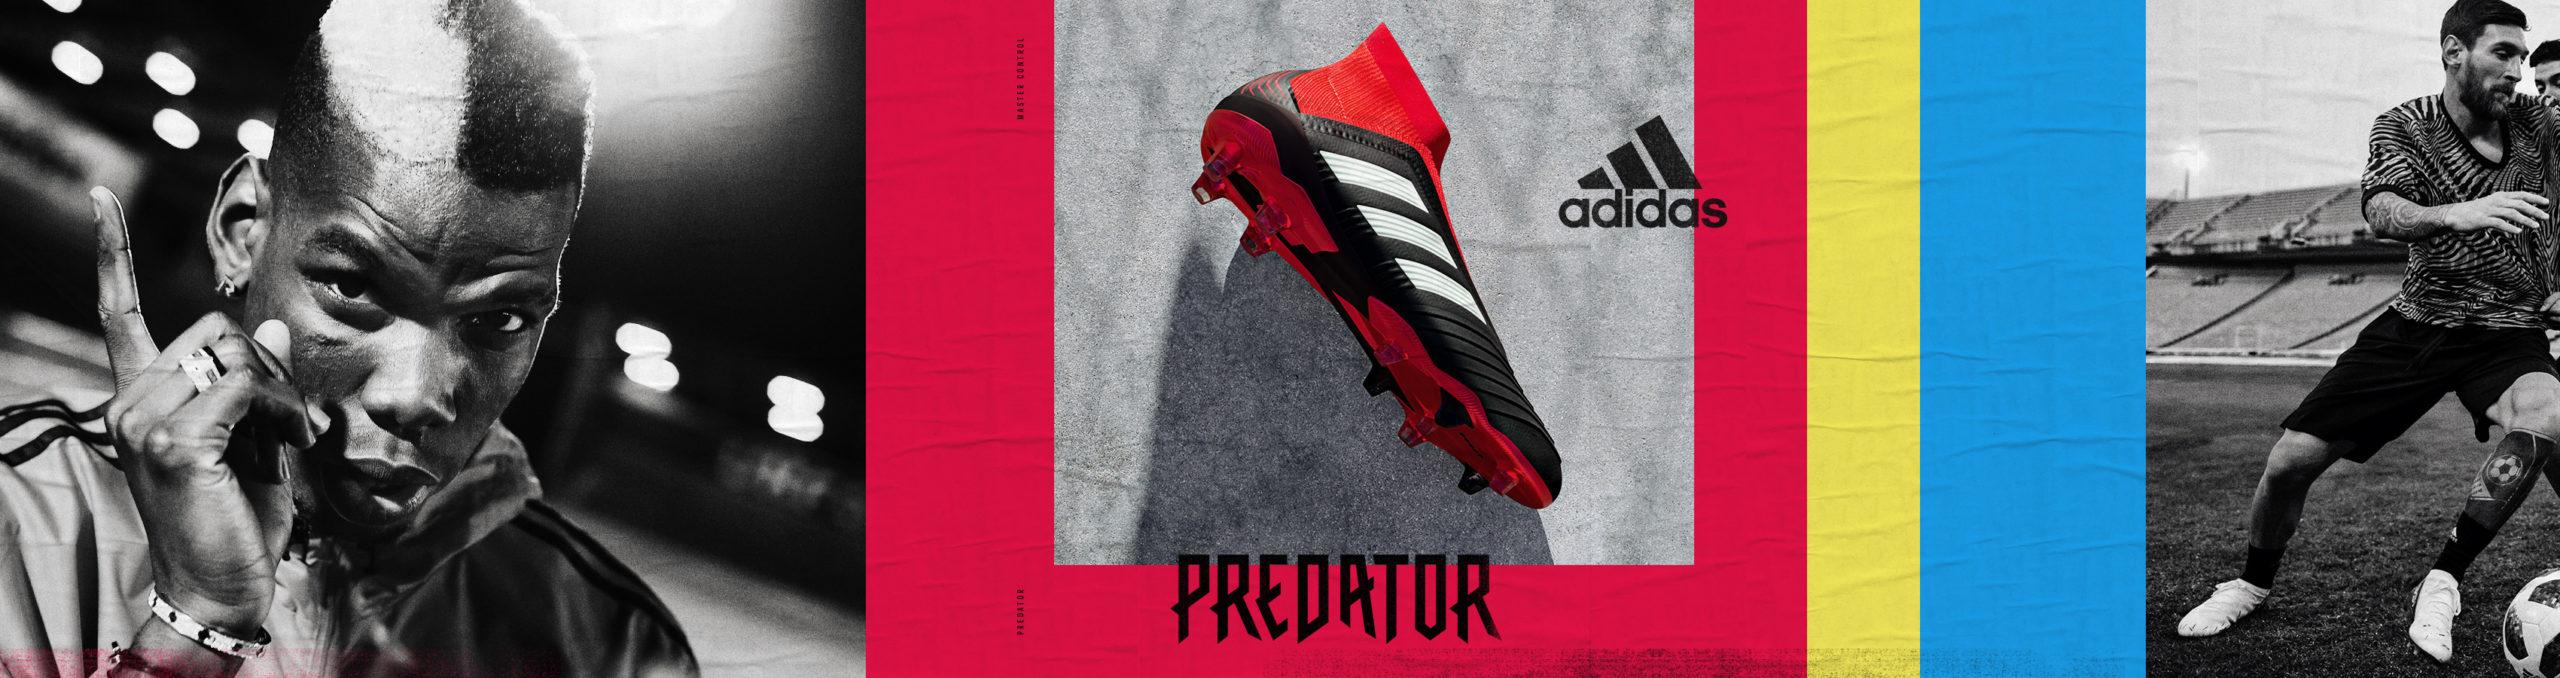 RobsonUnited2020_adidasFW18_Team02